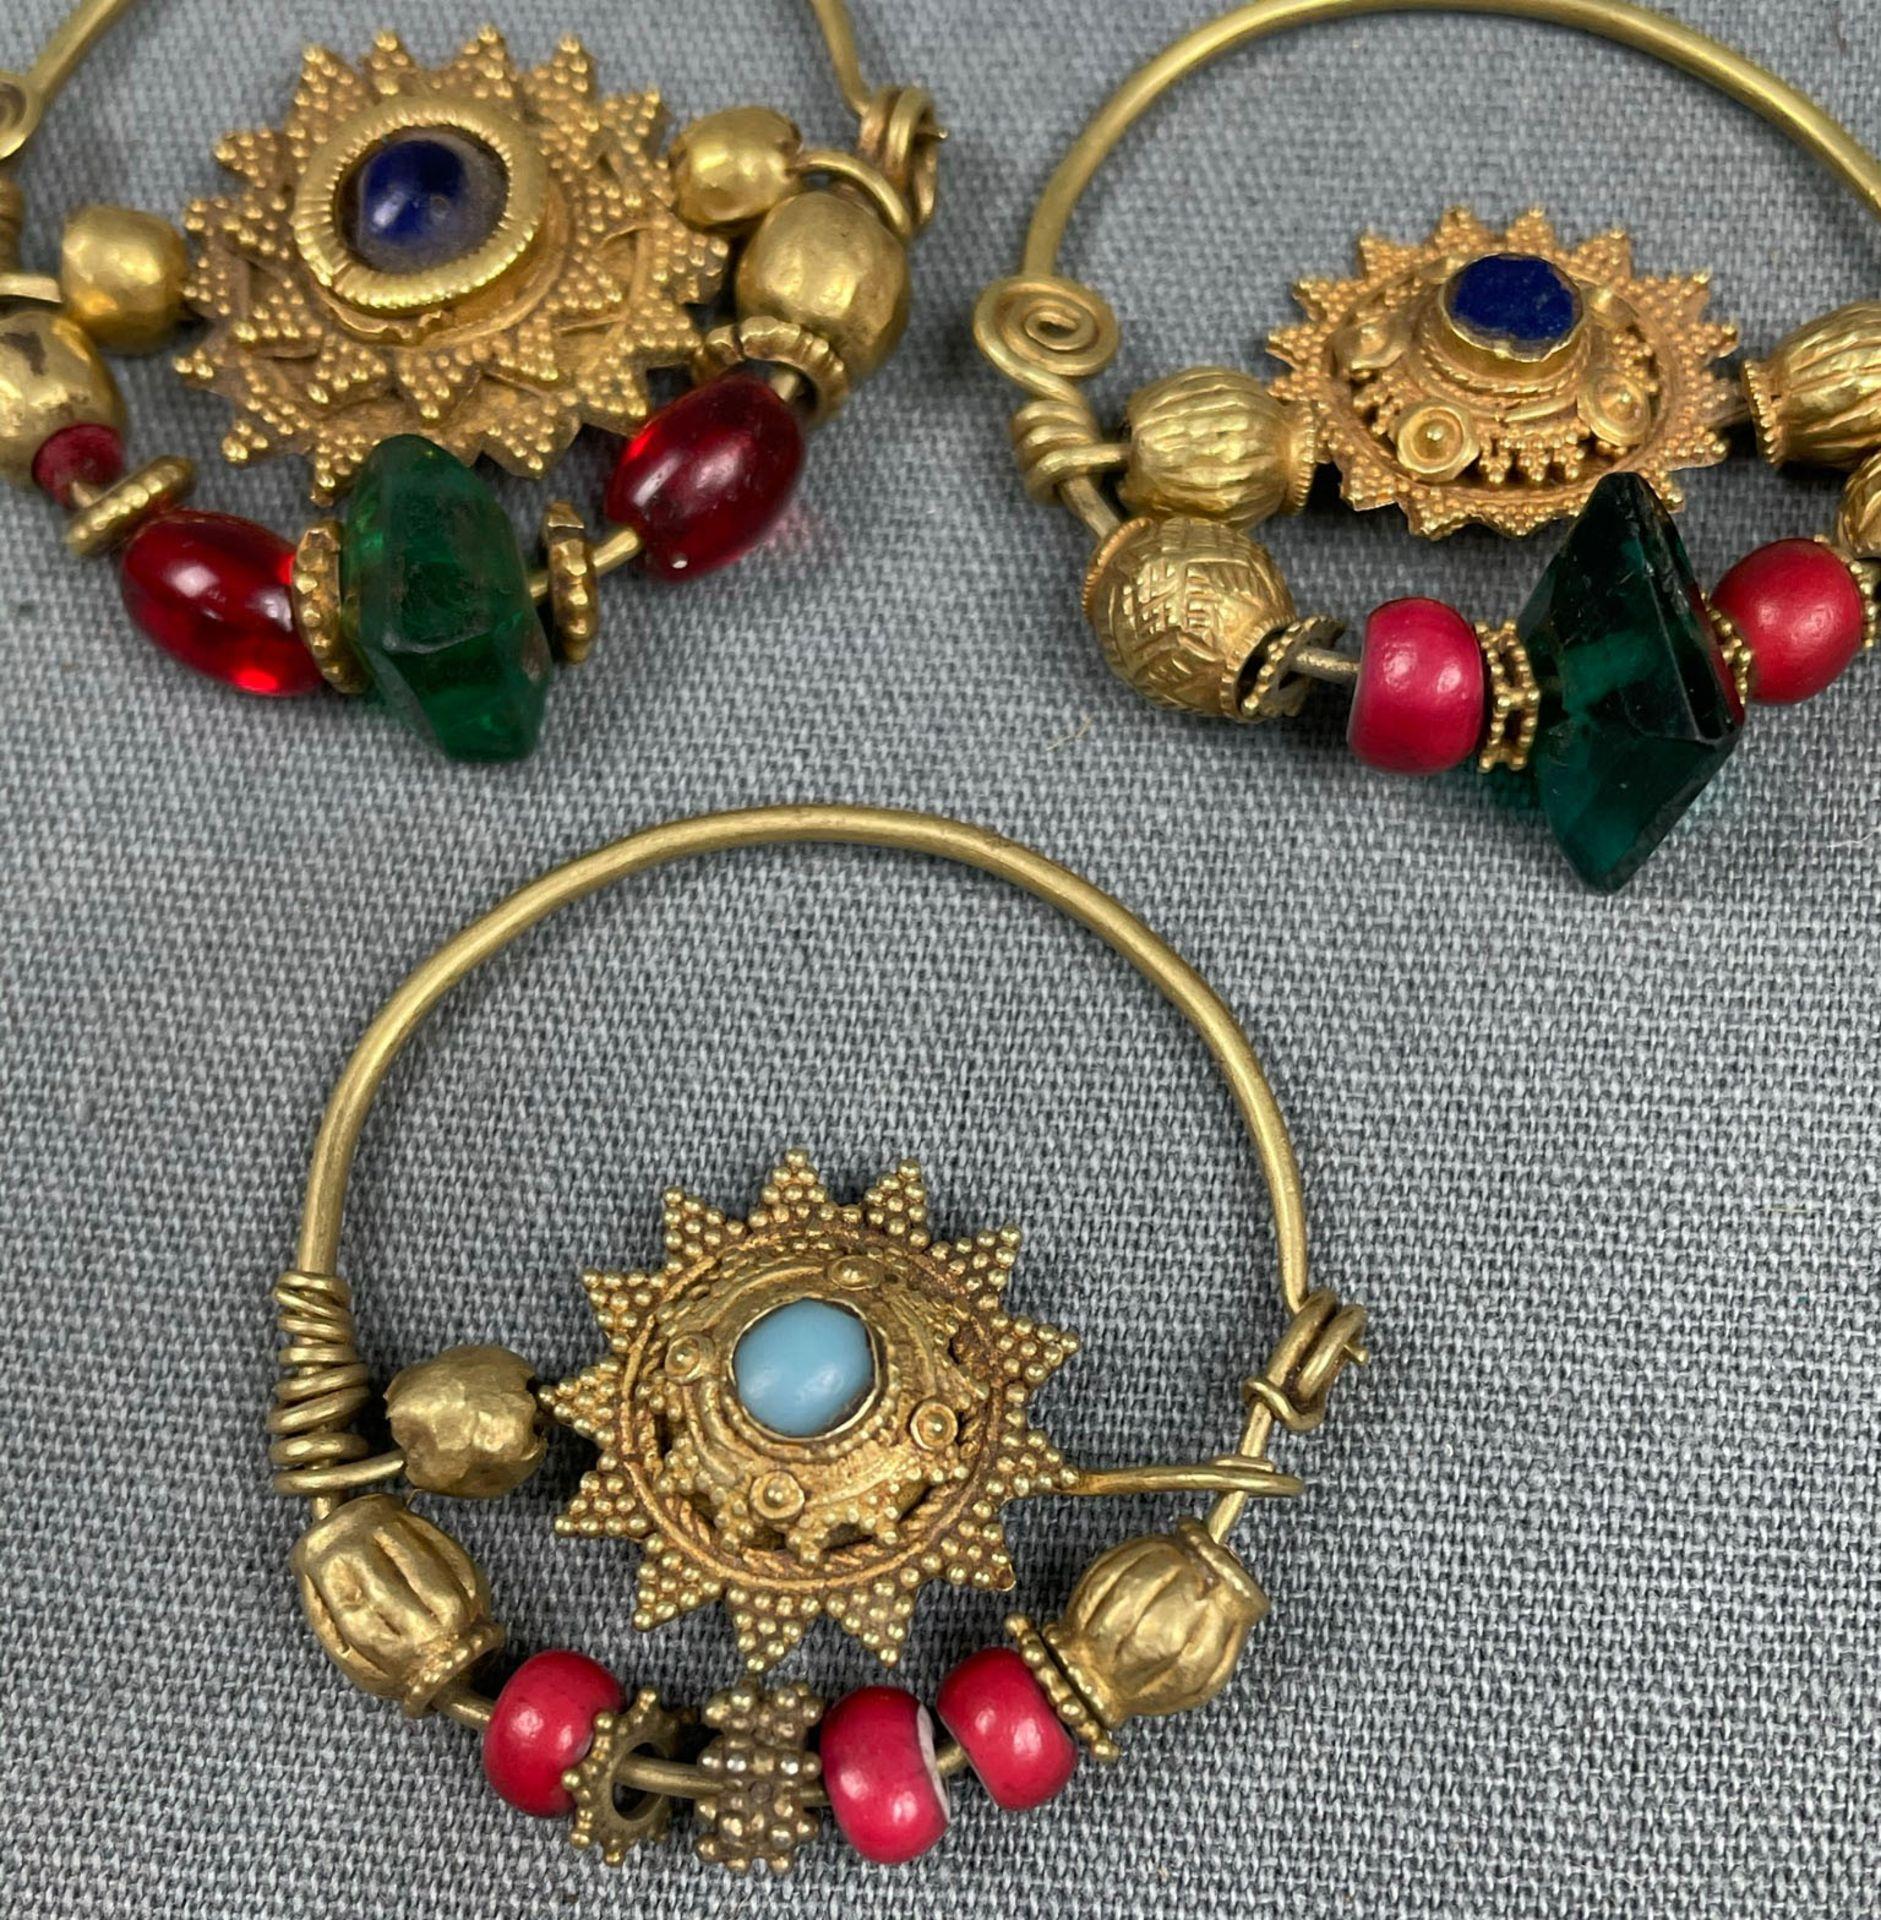 3 Anhänger, Ohrschmuck? Wohl Mogul Indien antik. Gold. - Image 6 of 10